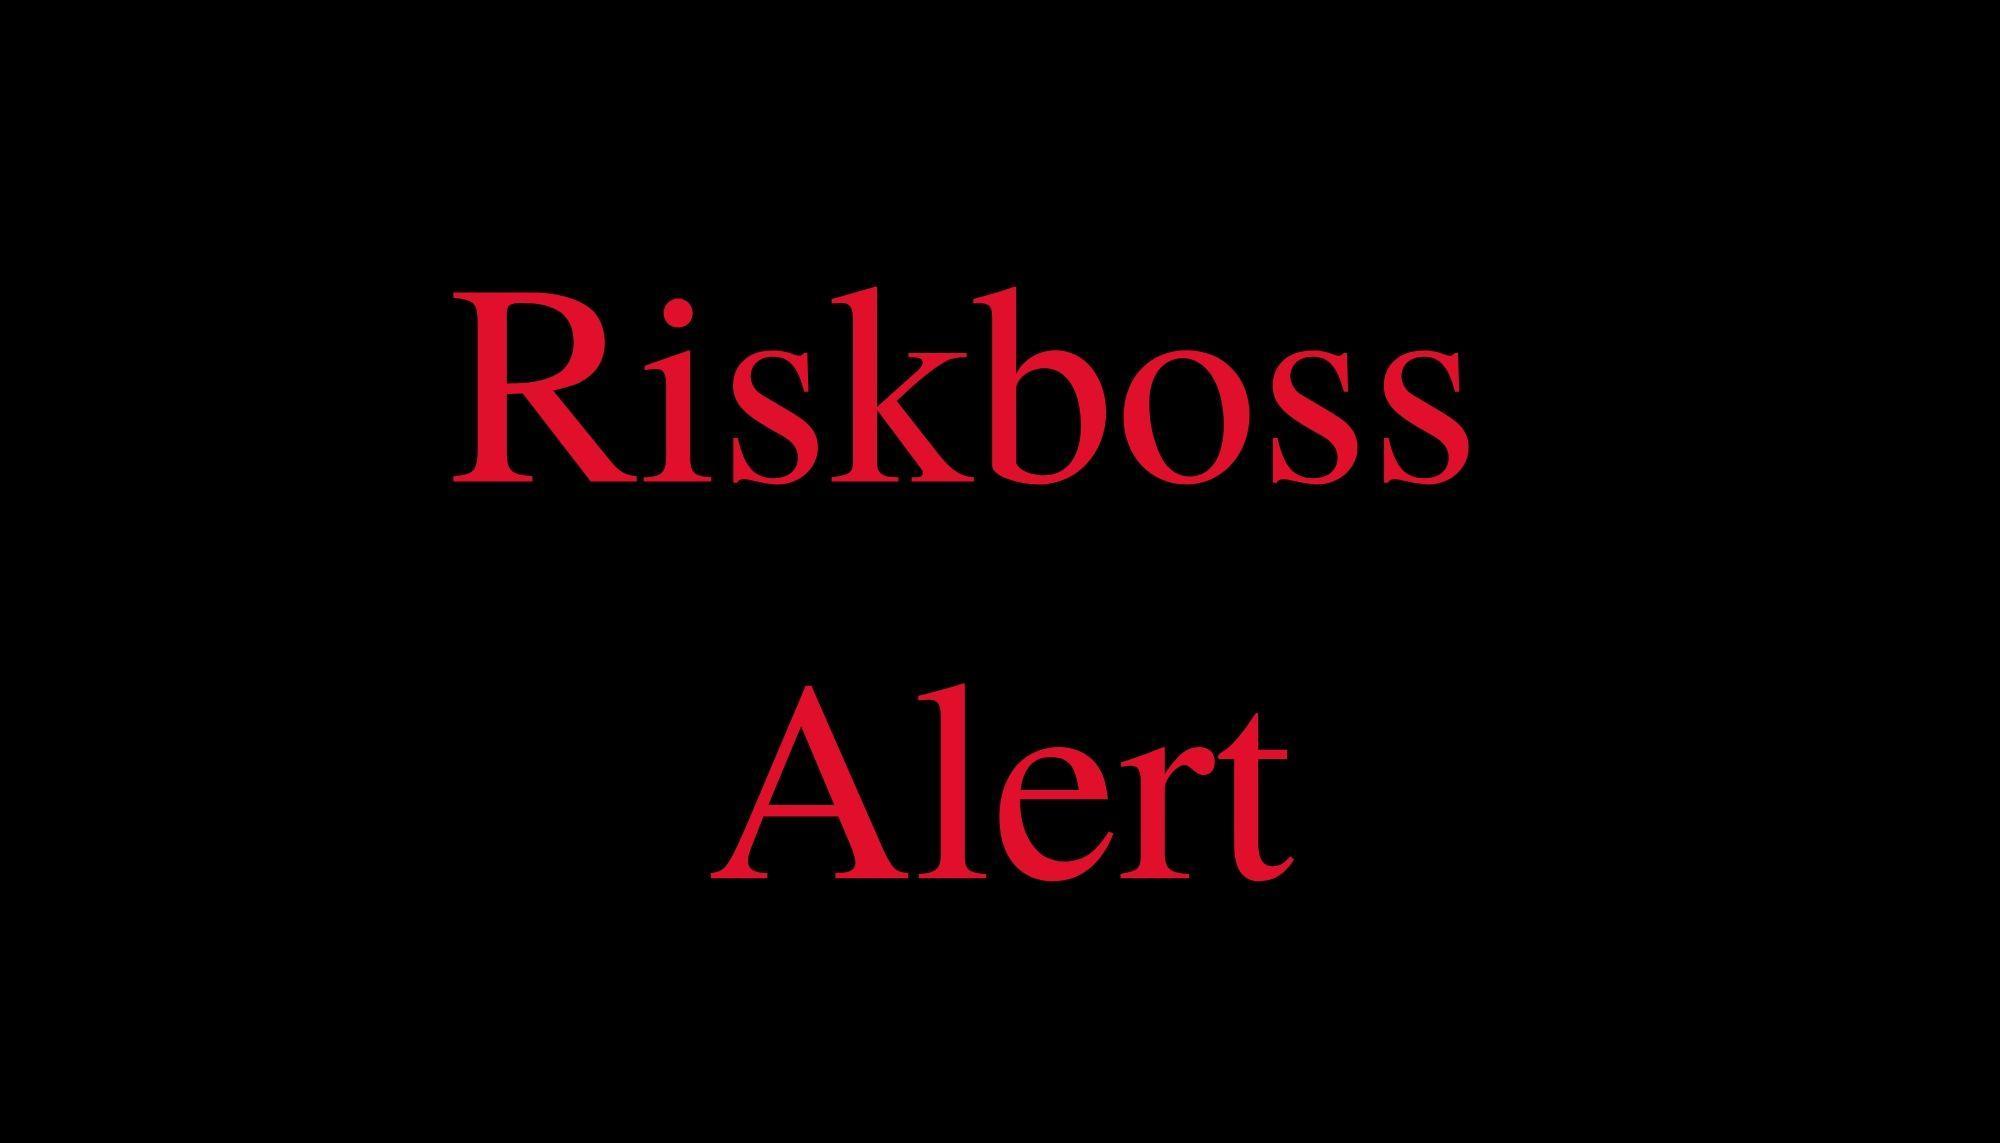 Riskboss Alert